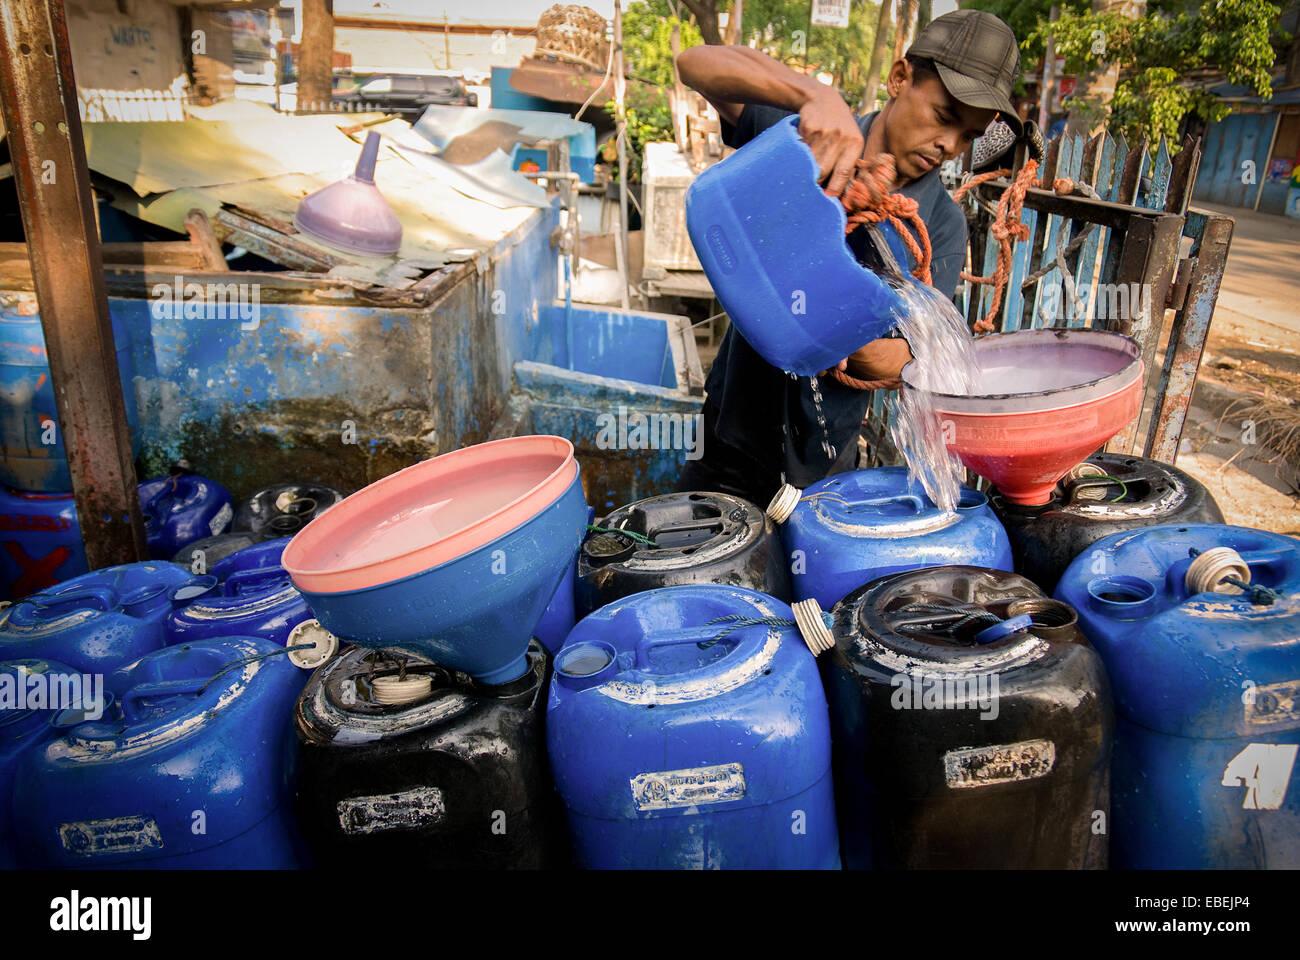 Un hombre llena bidones en el carro con agua de un distribuidor en Tanjung Priok, Yakarta, Indonesia. Imagen De Stock